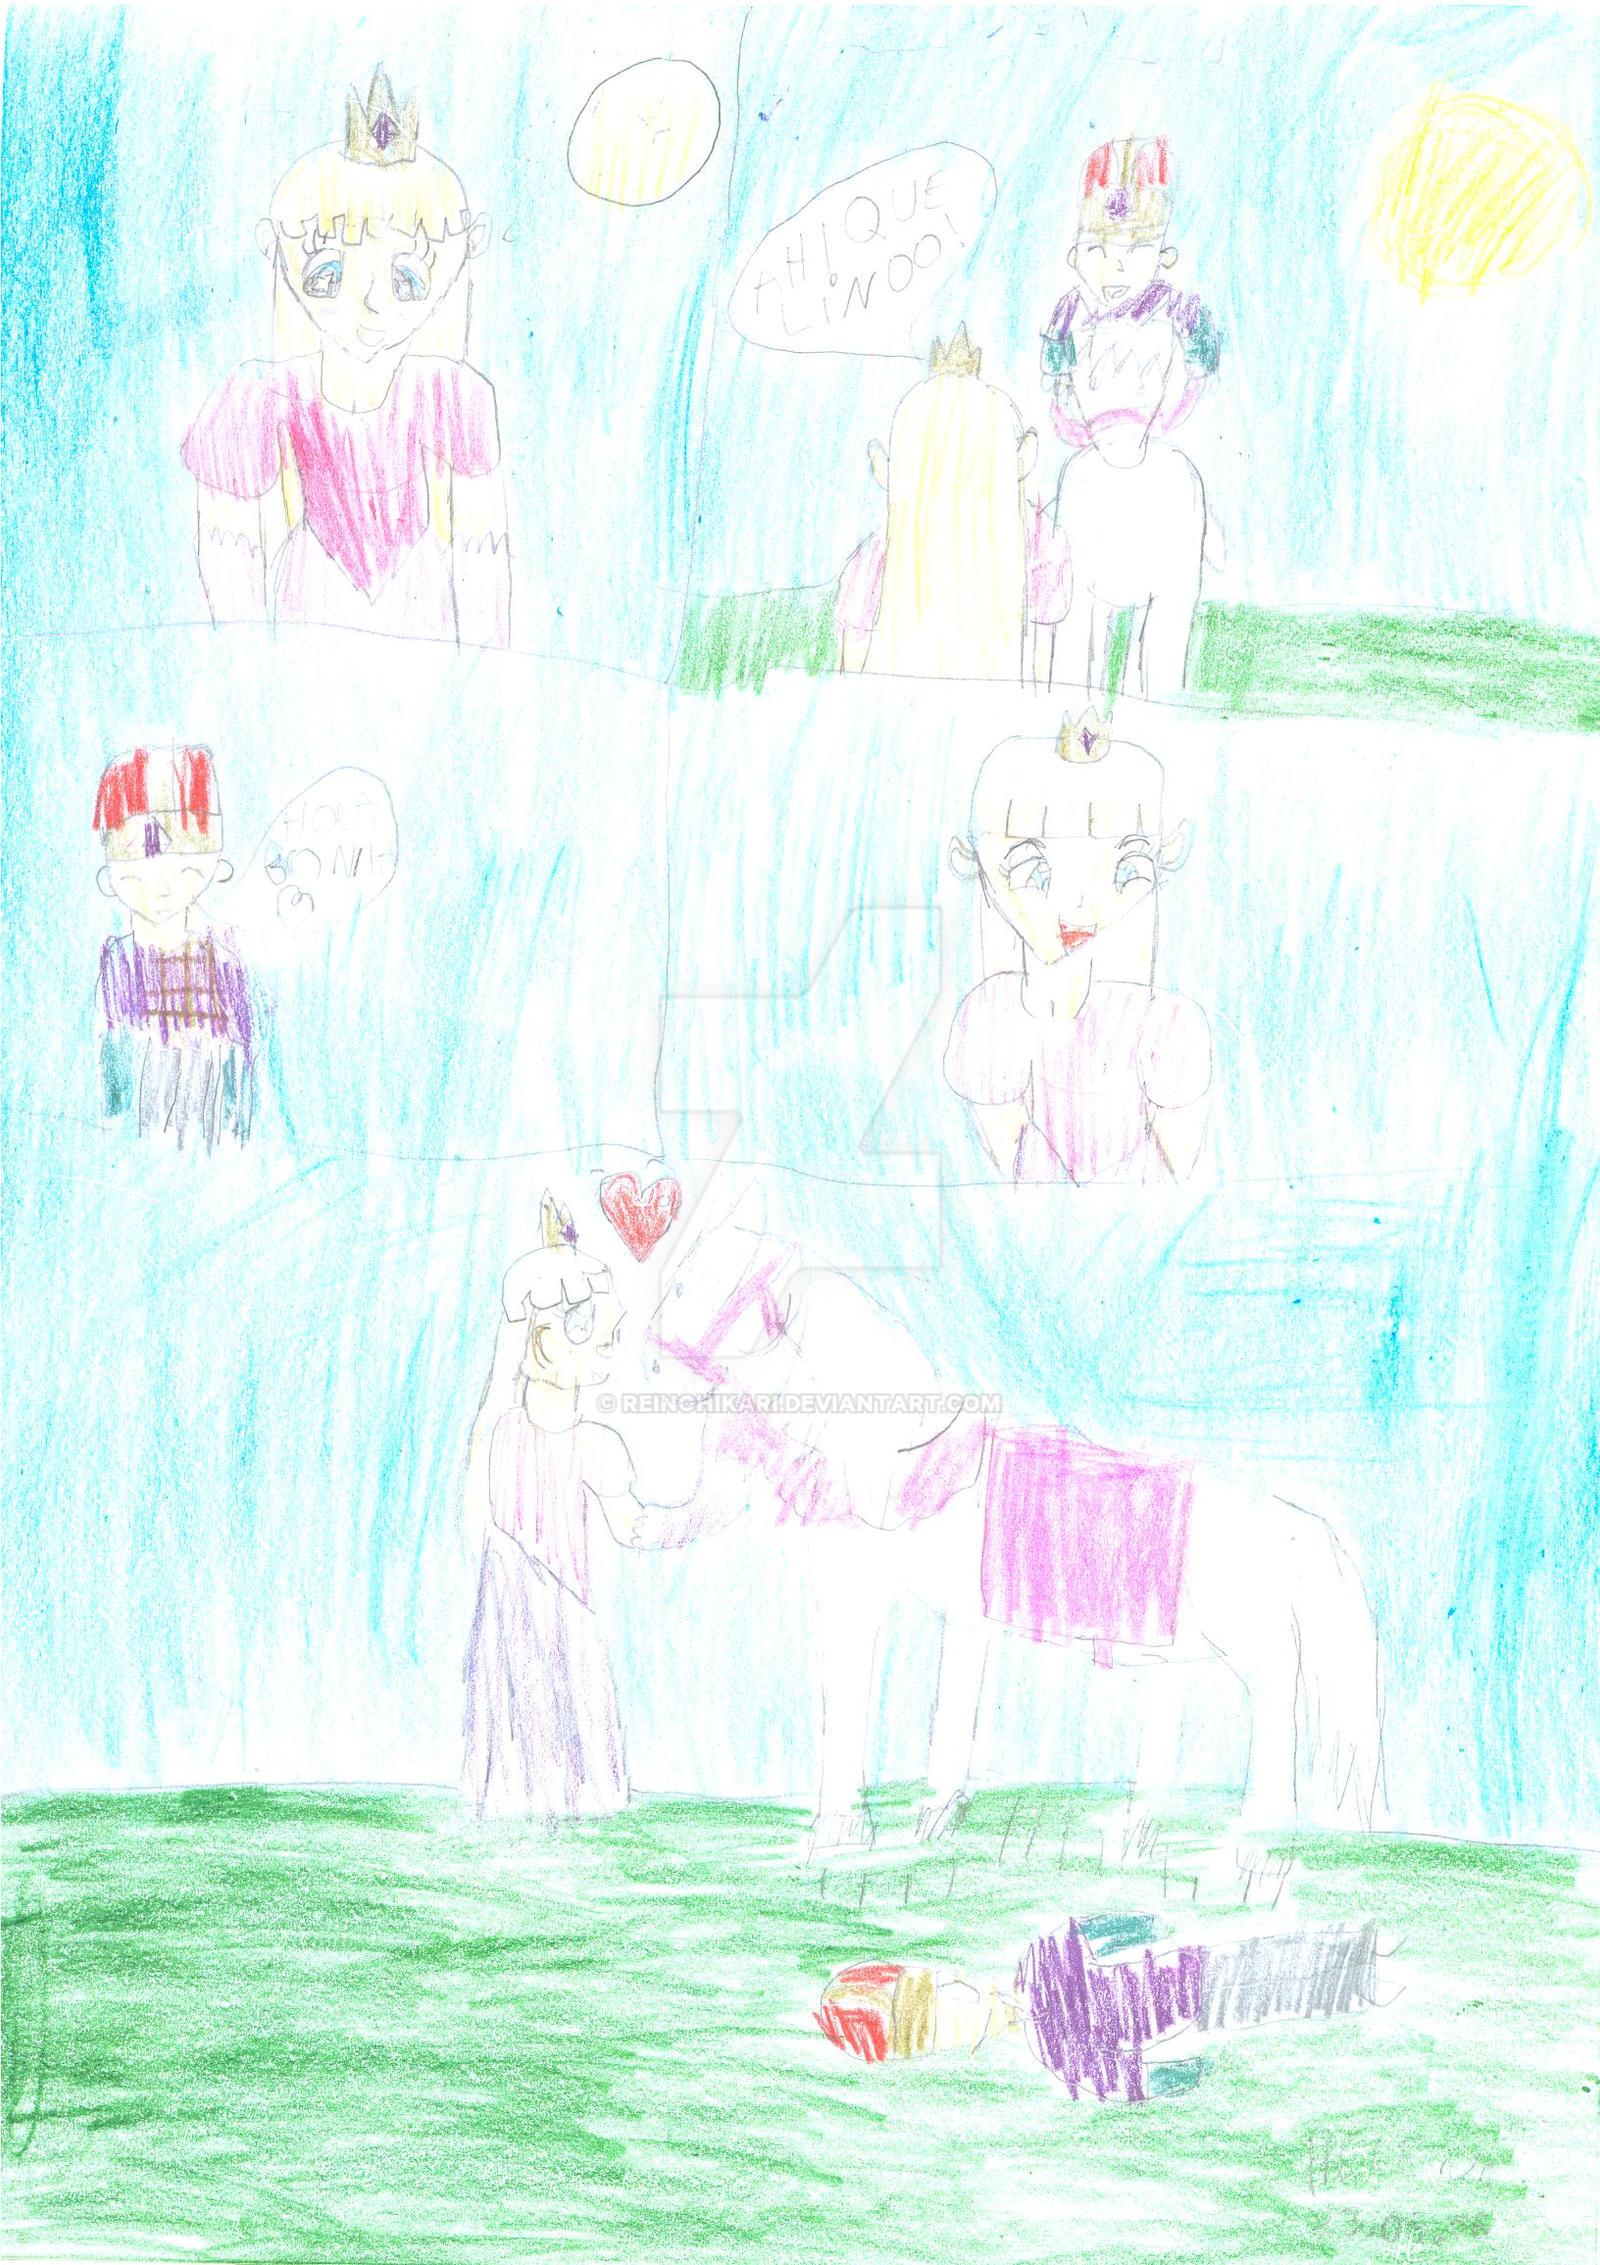 White horse... by Reinohikari